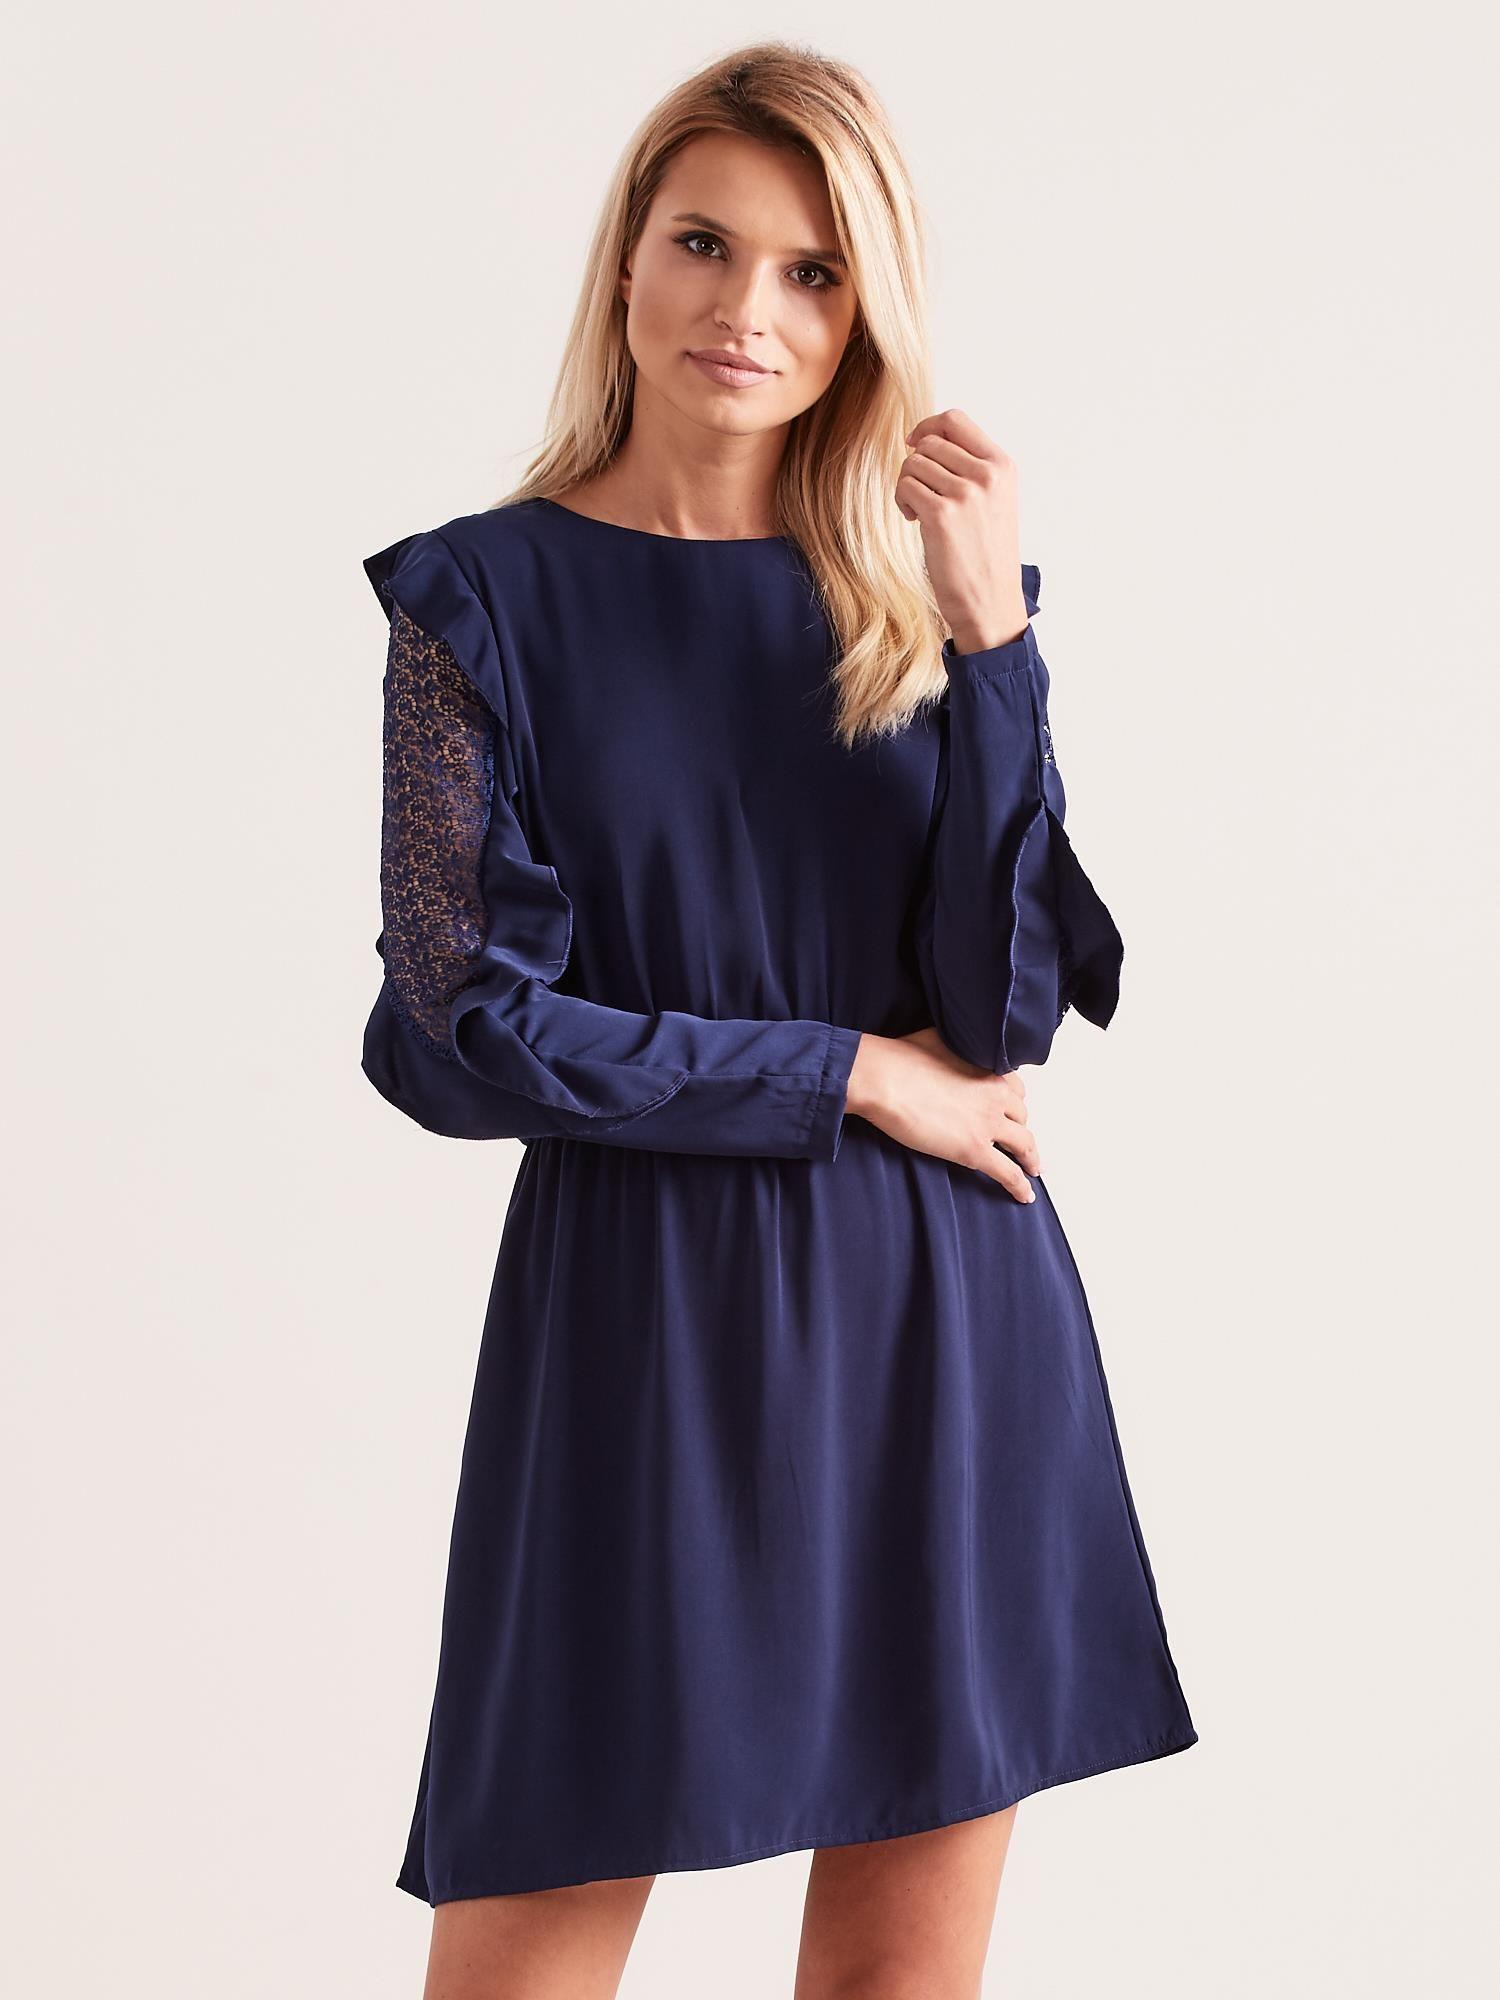 579025a3 Granatowa sukienka z falbanami na rękawach